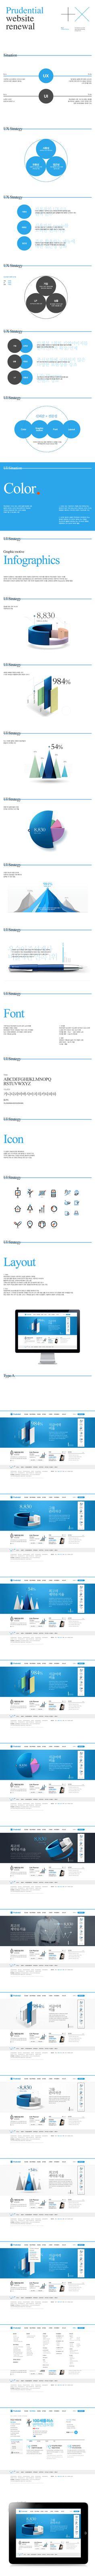 Prudential Website Renewal by Plus X , via Behance